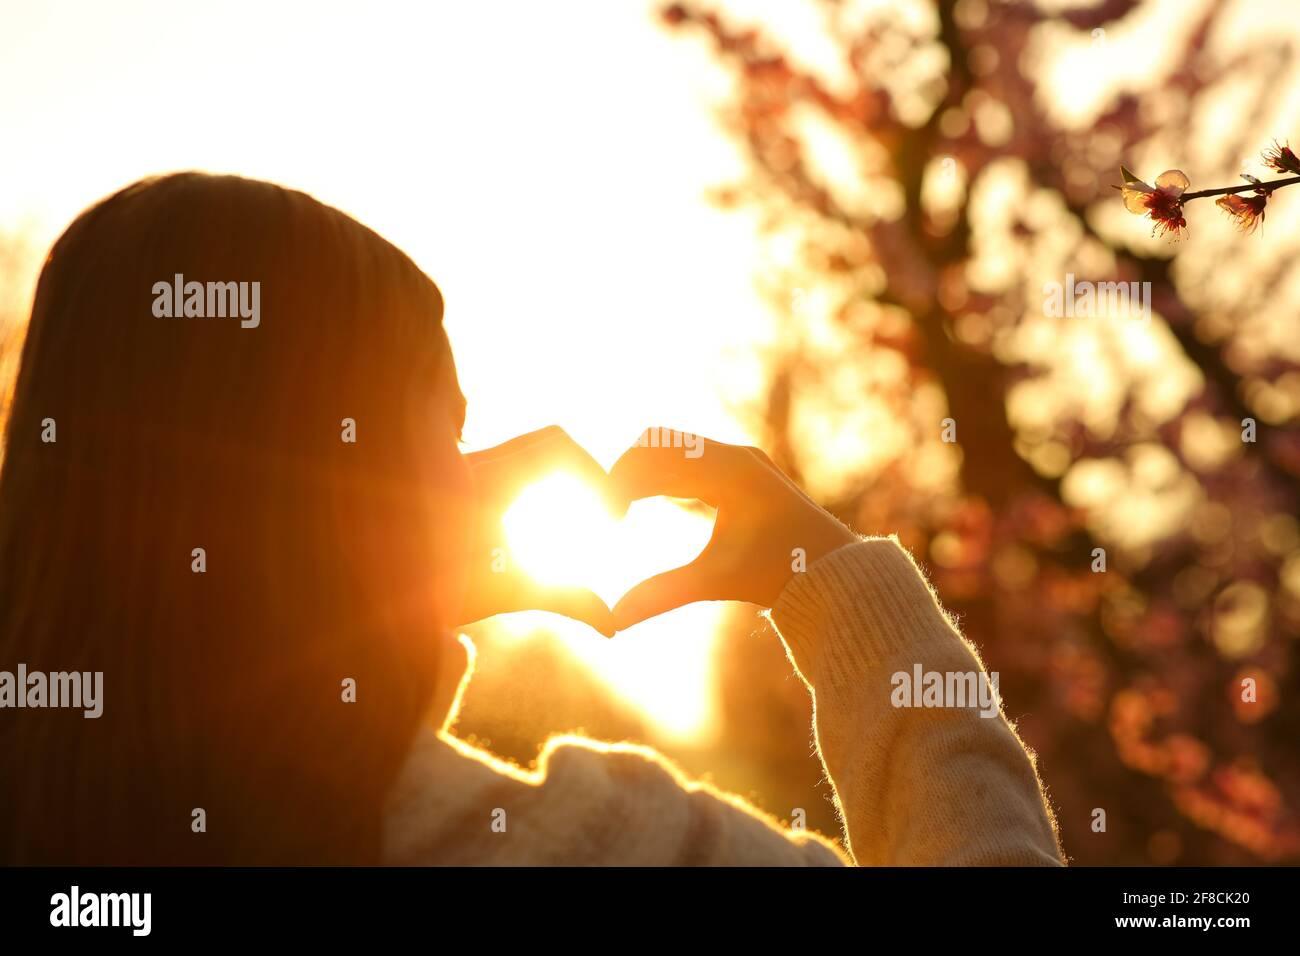 Gros plan d'une femme mains faisant la forme du cœur à coucher de soleil dans un champ Banque D'Images